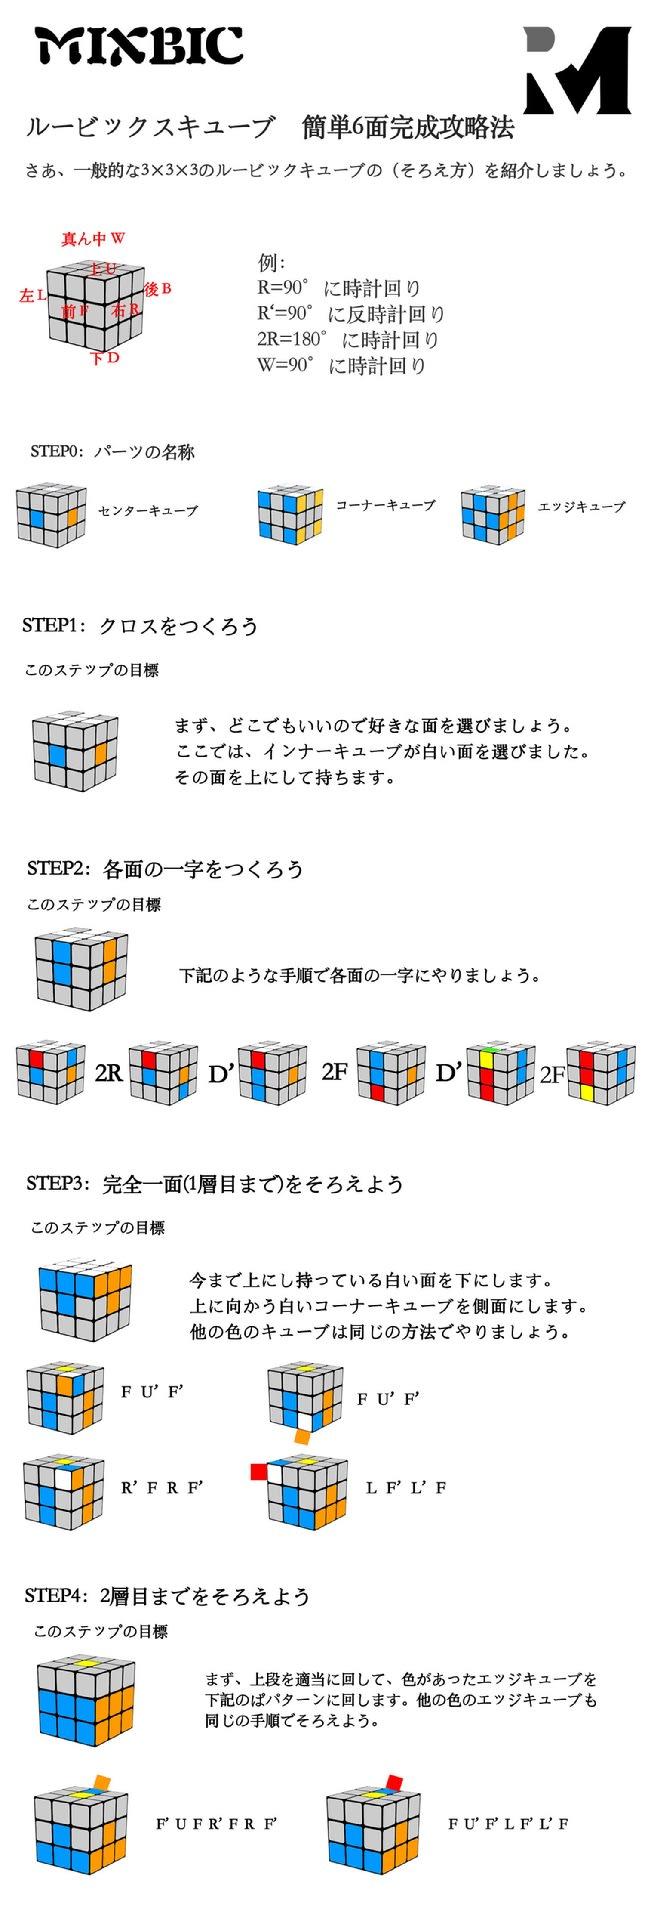 ルービック キューブ 攻略 法 3 3